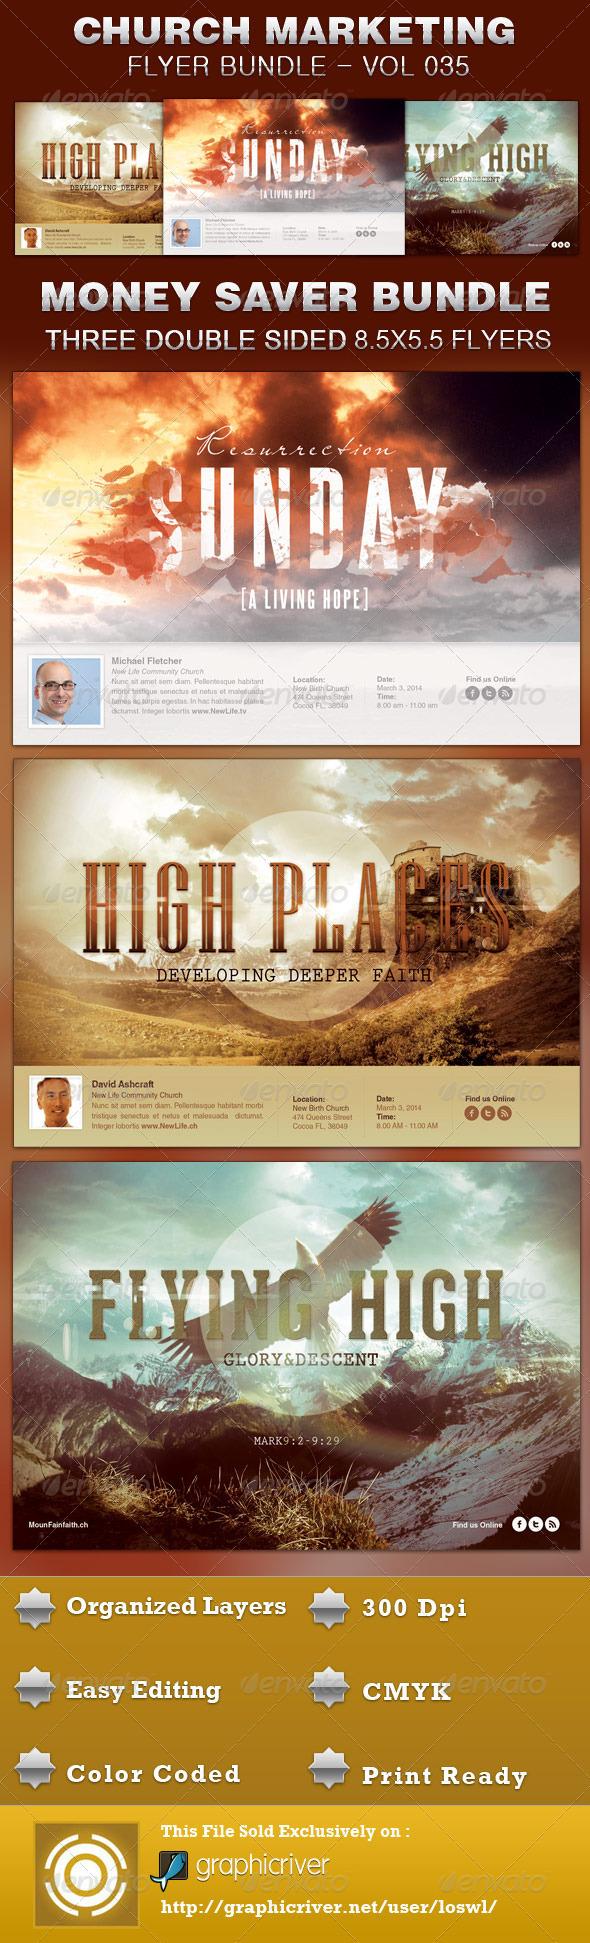 church marketing flyer bundle vol 035 on behance. Black Bedroom Furniture Sets. Home Design Ideas